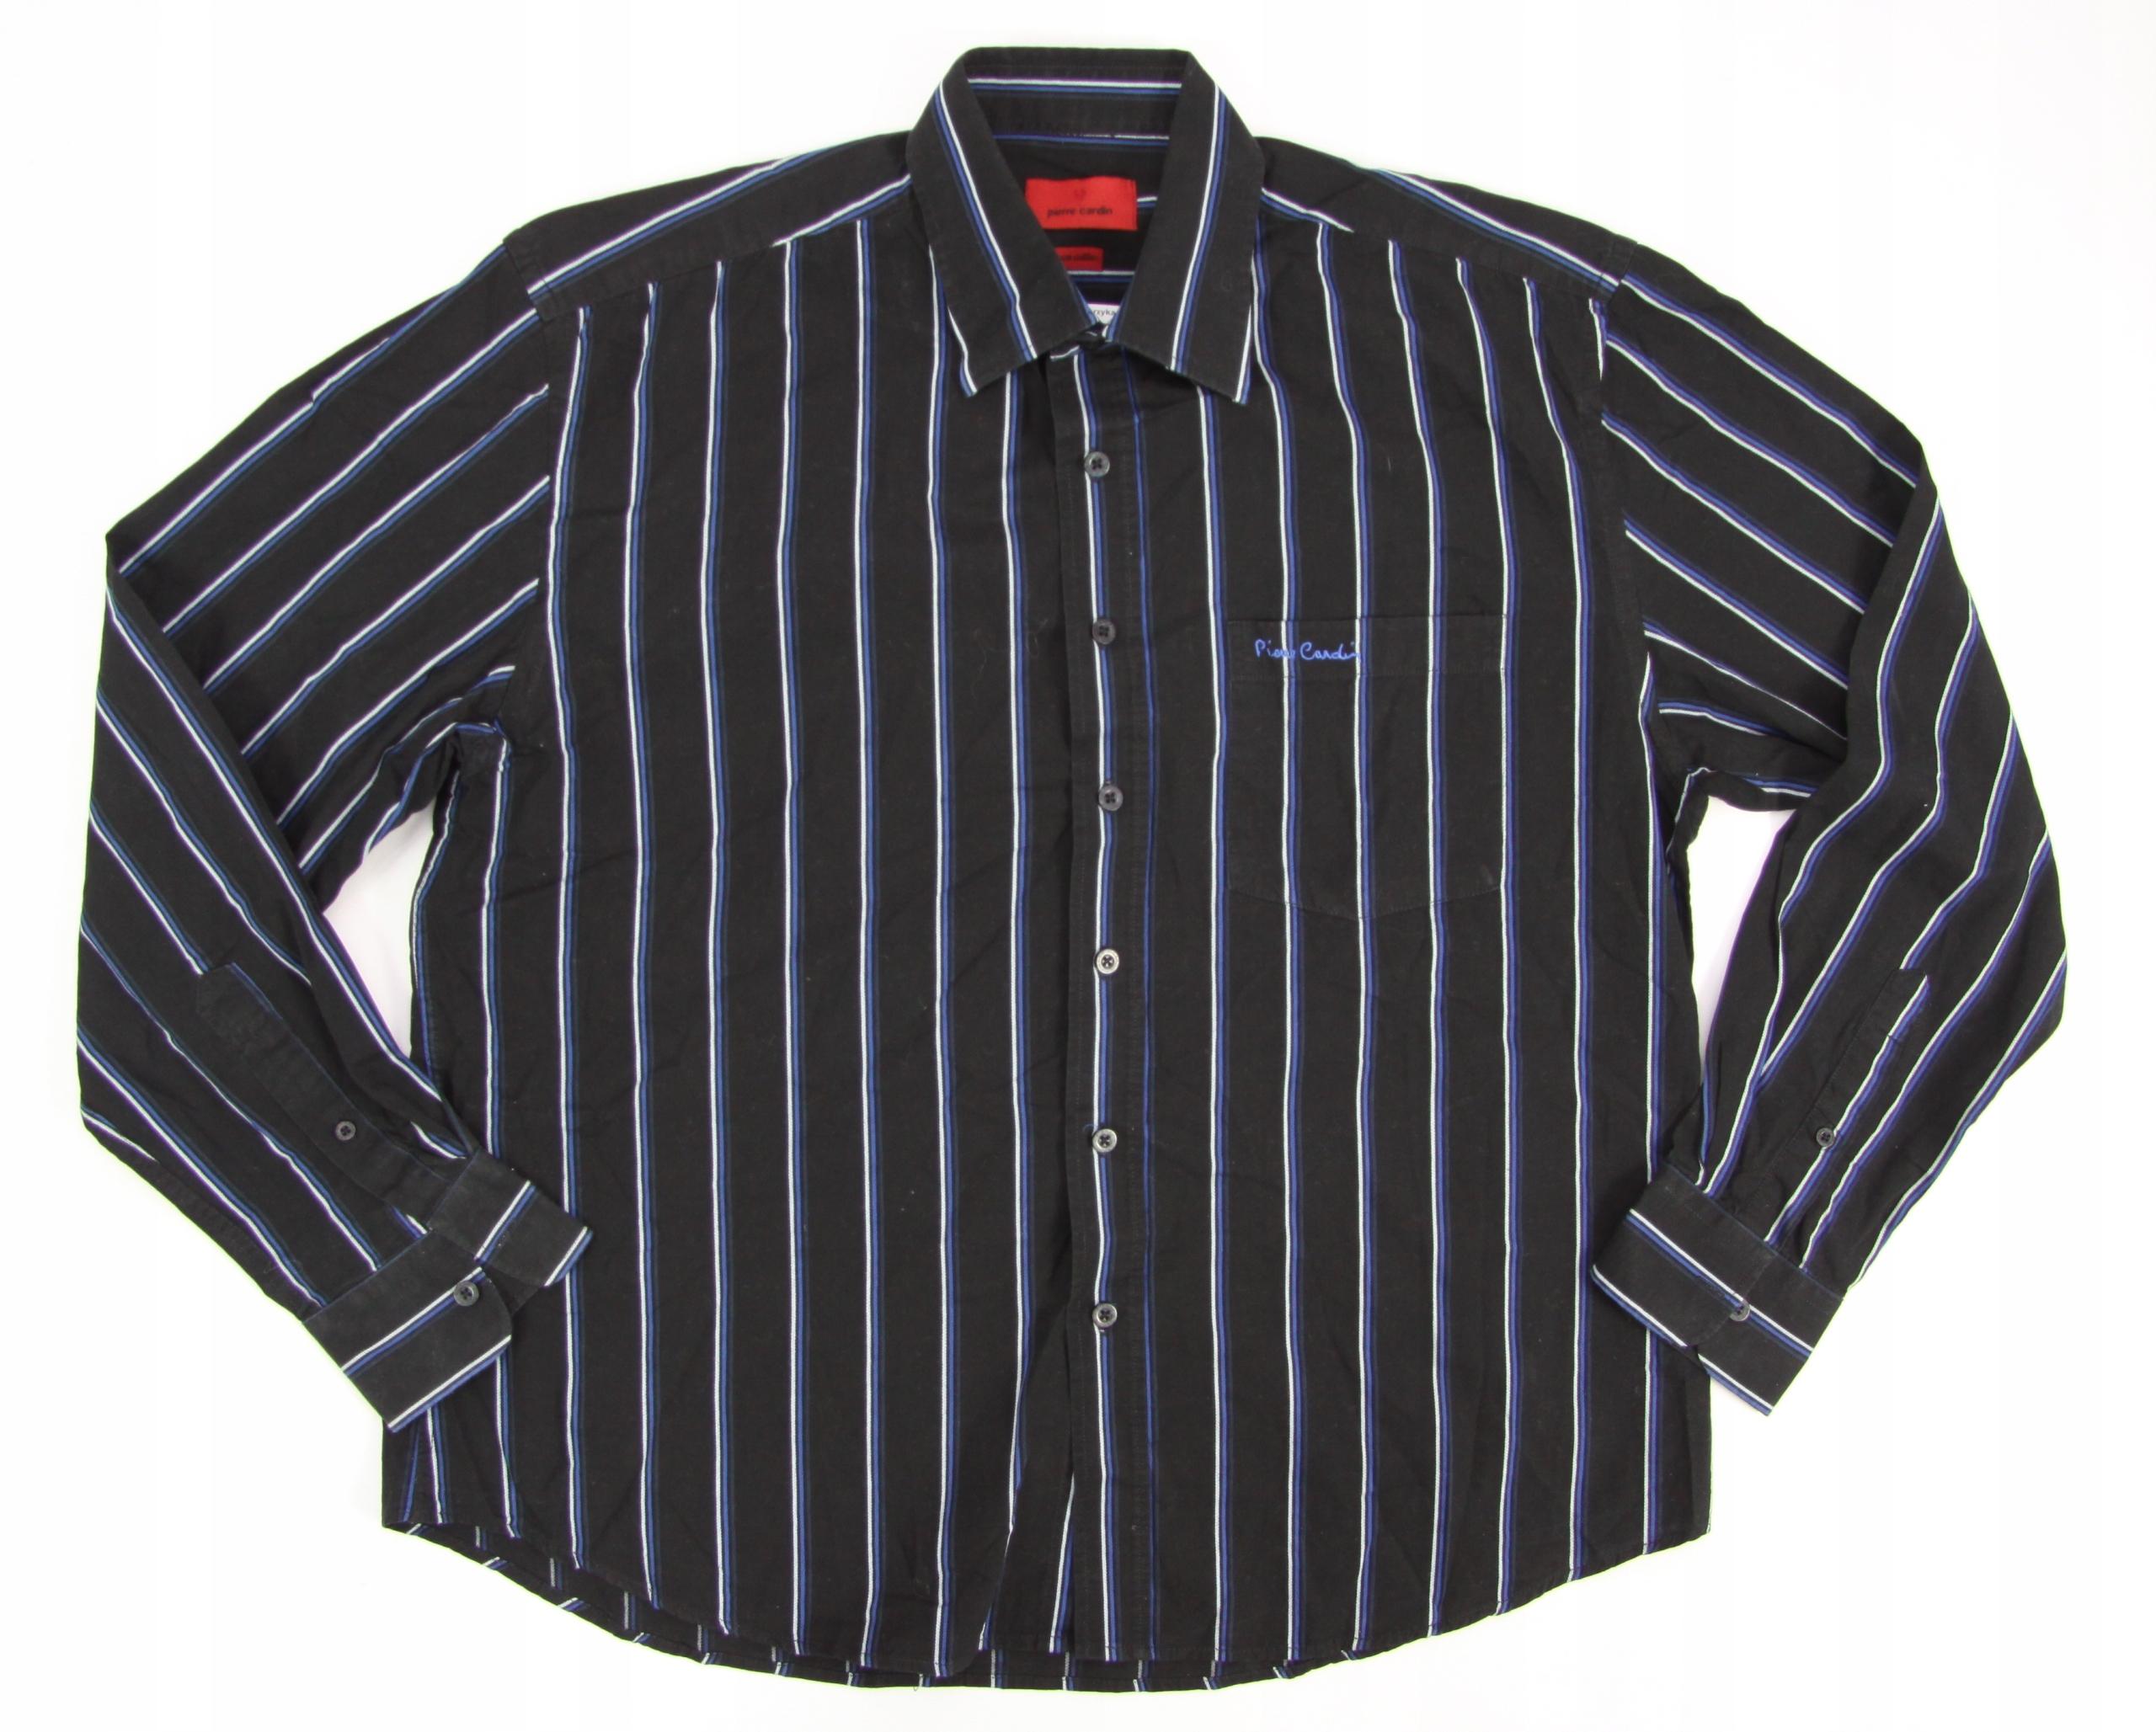 PIERRE CARDIN koszula męska czarna PASKI extra XXL